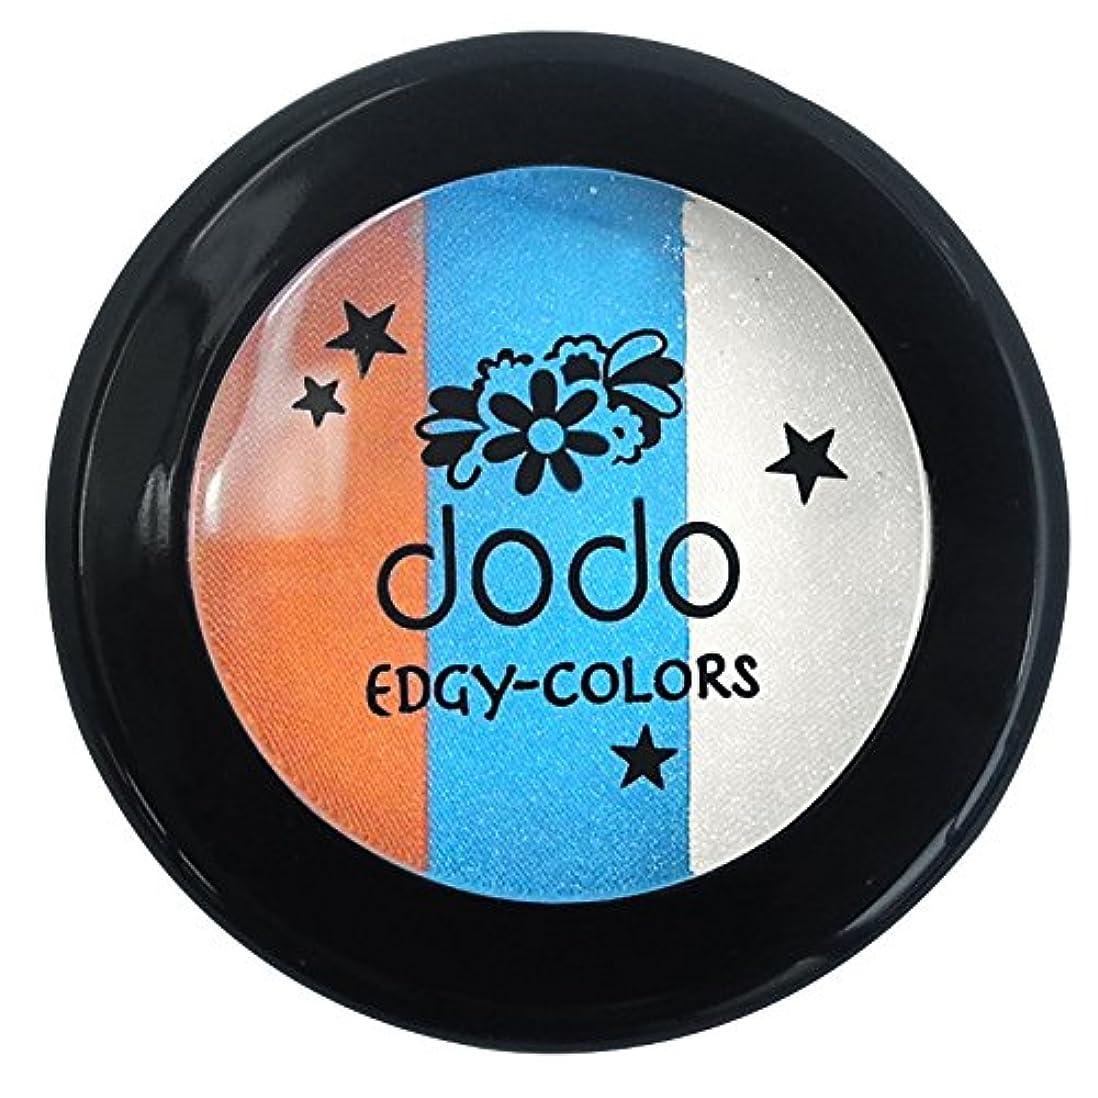 ページ層捧げるドド エッジィカラーズ EC60ピーコックブルー